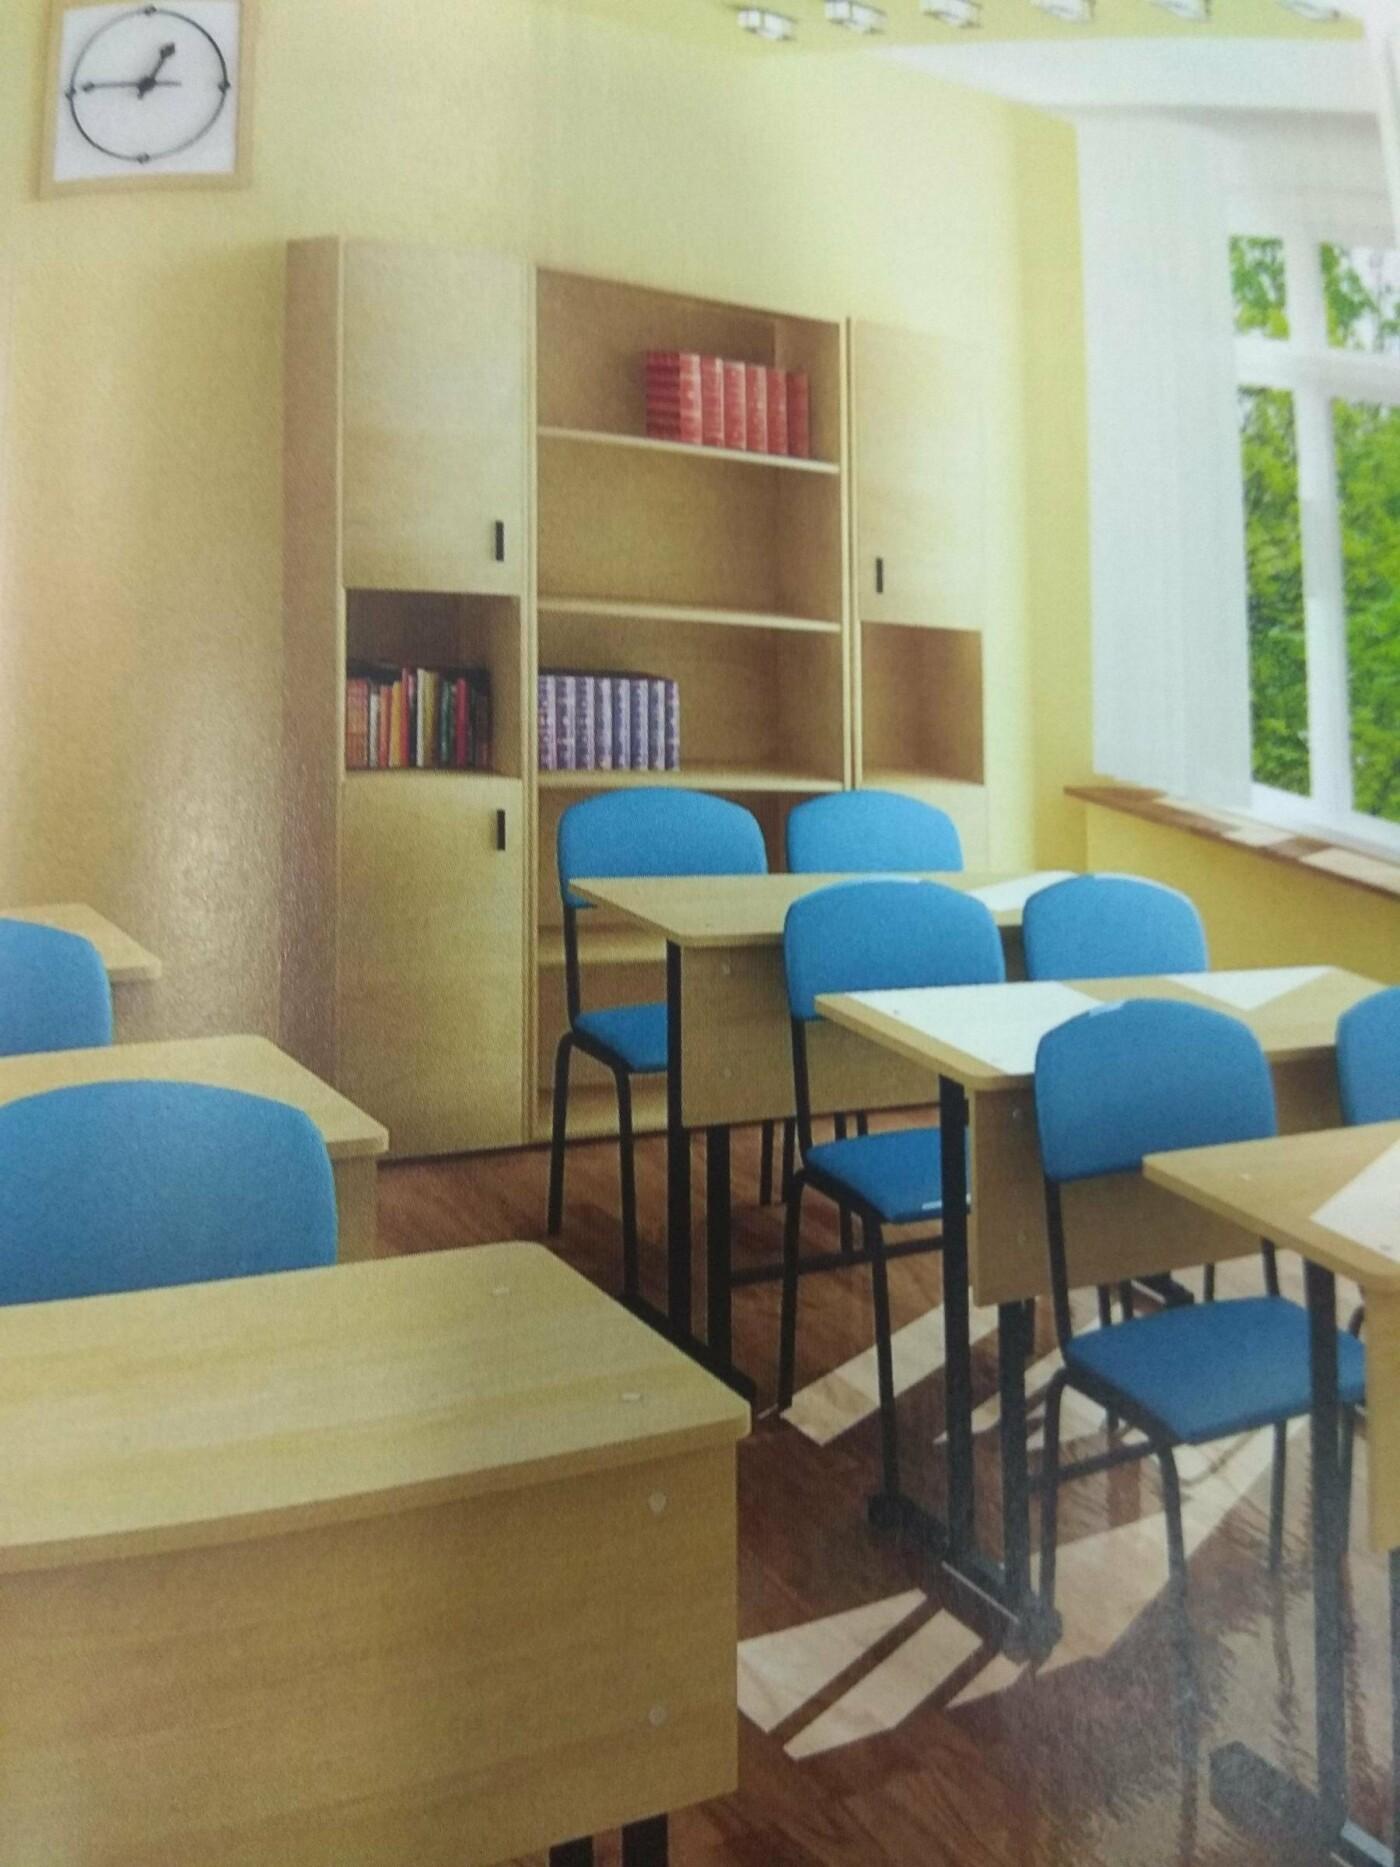 Где купить всё для школы: лучшие предложения Кривого Рога, фото-37